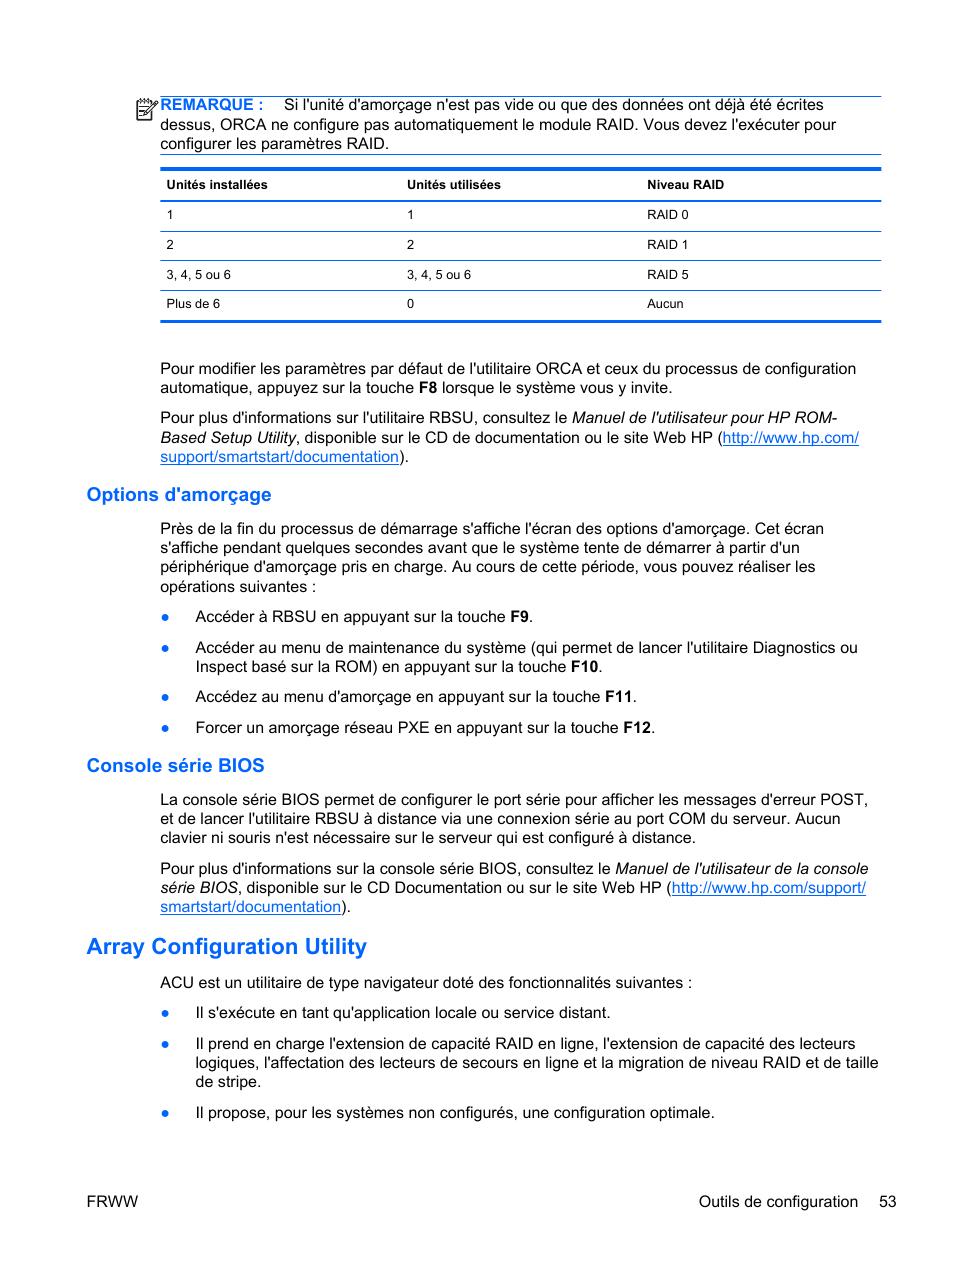 Options d'amorçage, Console série bios, Array configuration